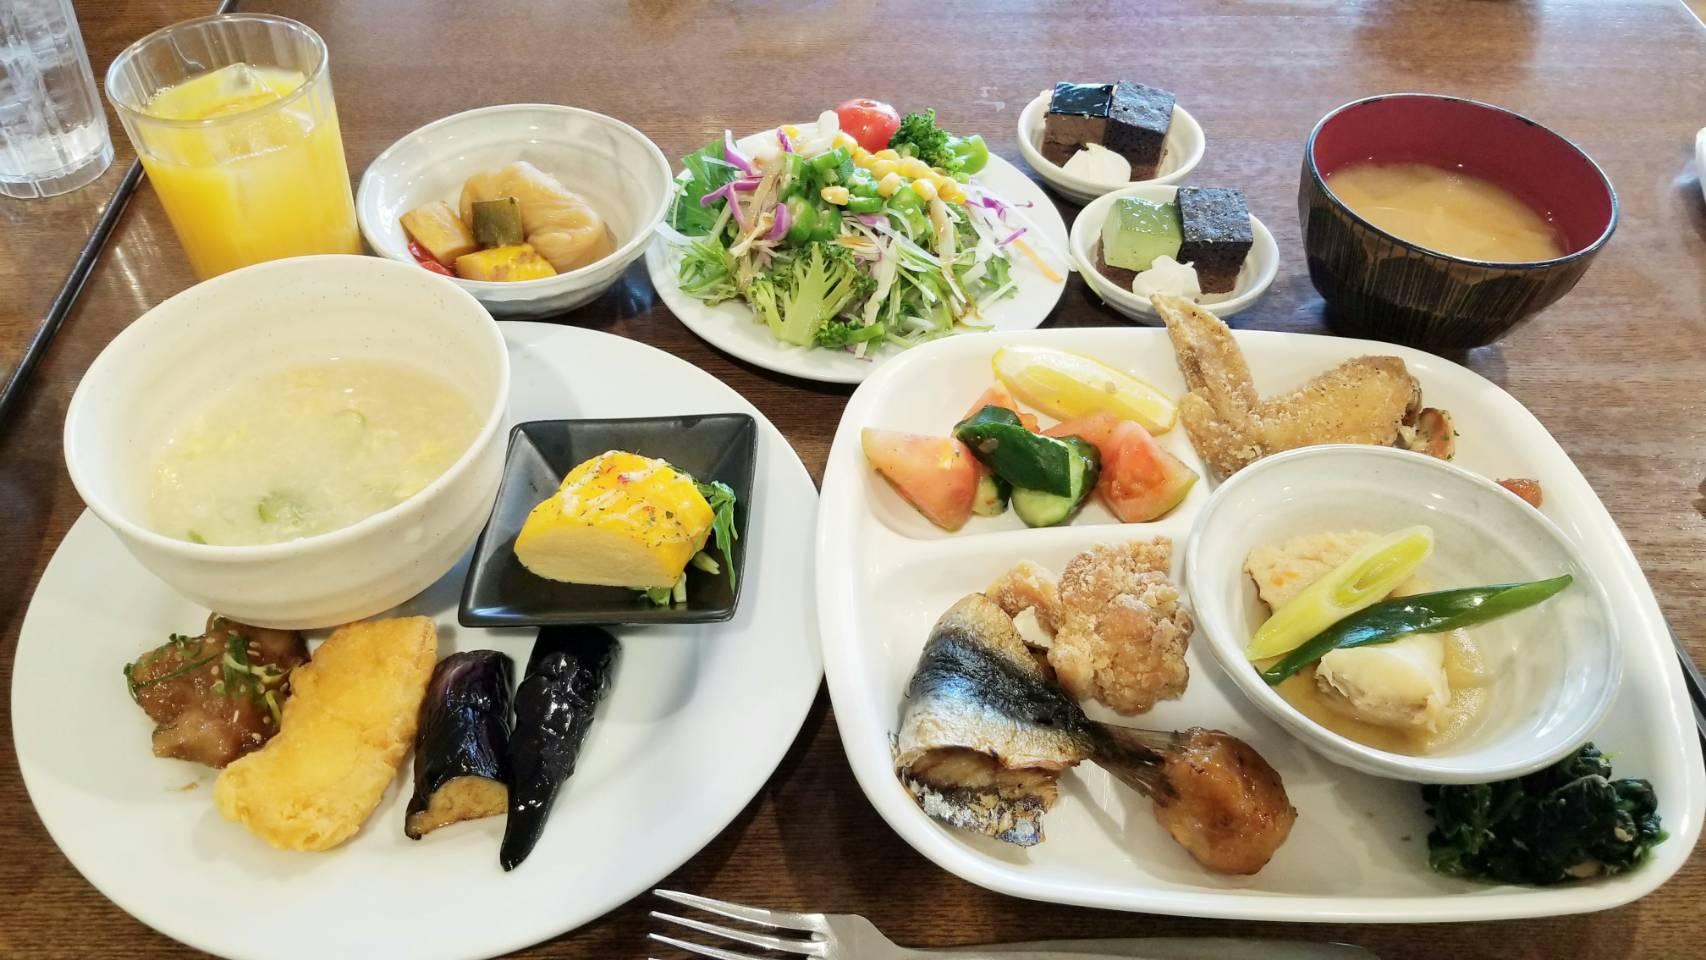 まずいご飯愛媛県松山市鷹ノ子温泉ランチバイキング二度と行かない